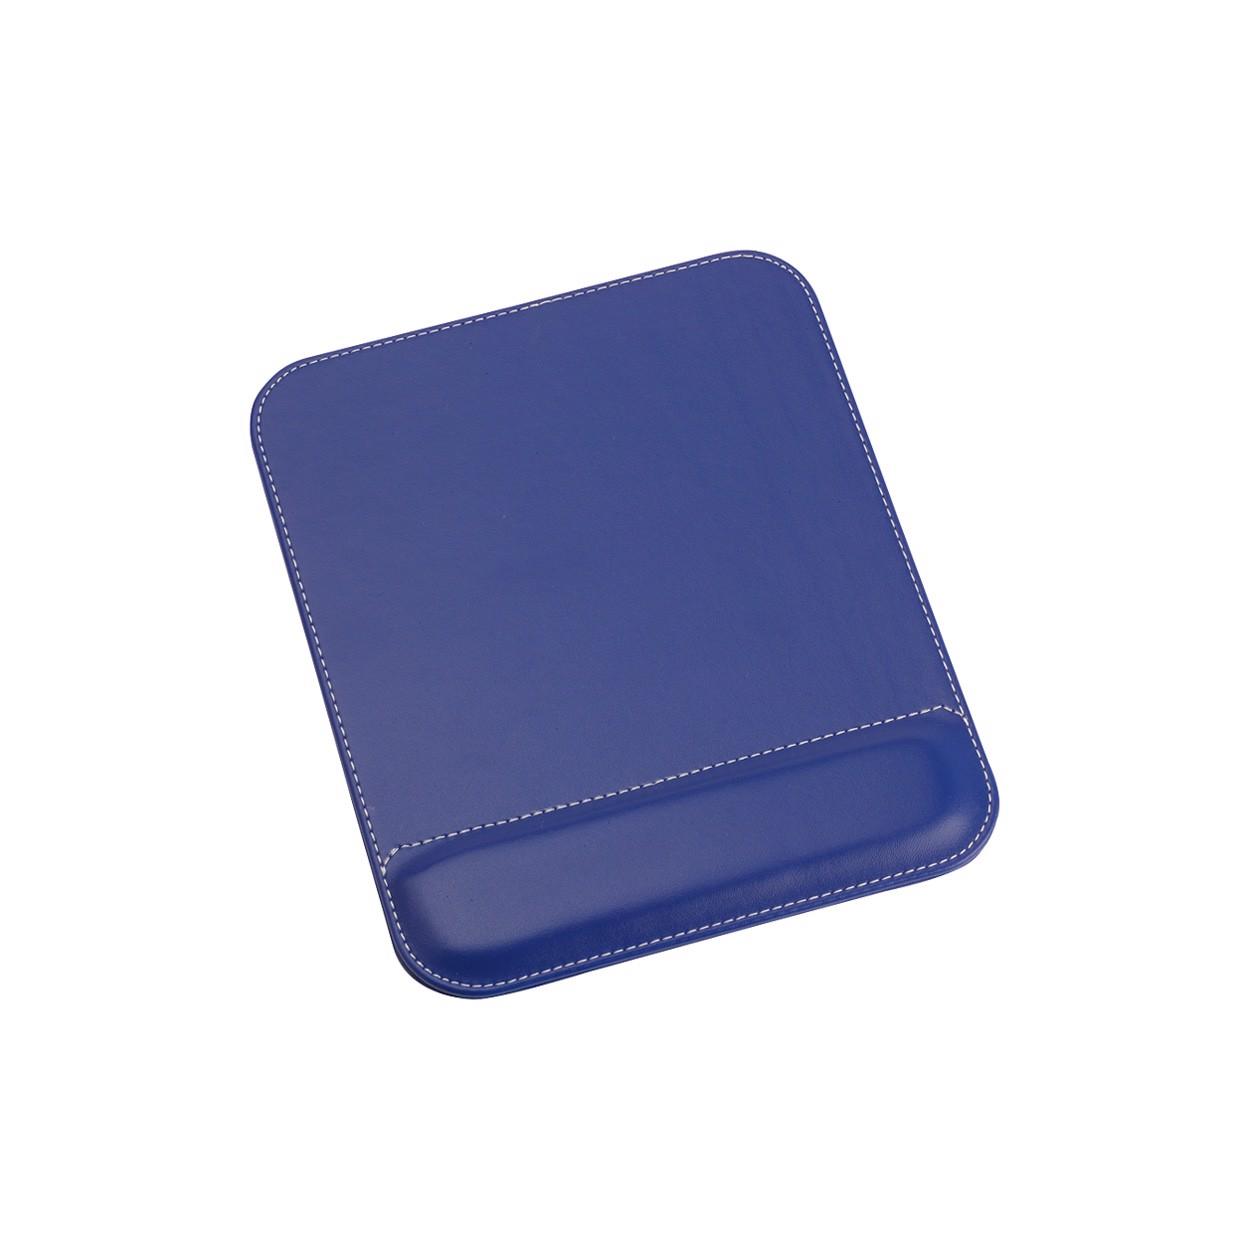 Suport Soarece Calculator Gong - Albastru